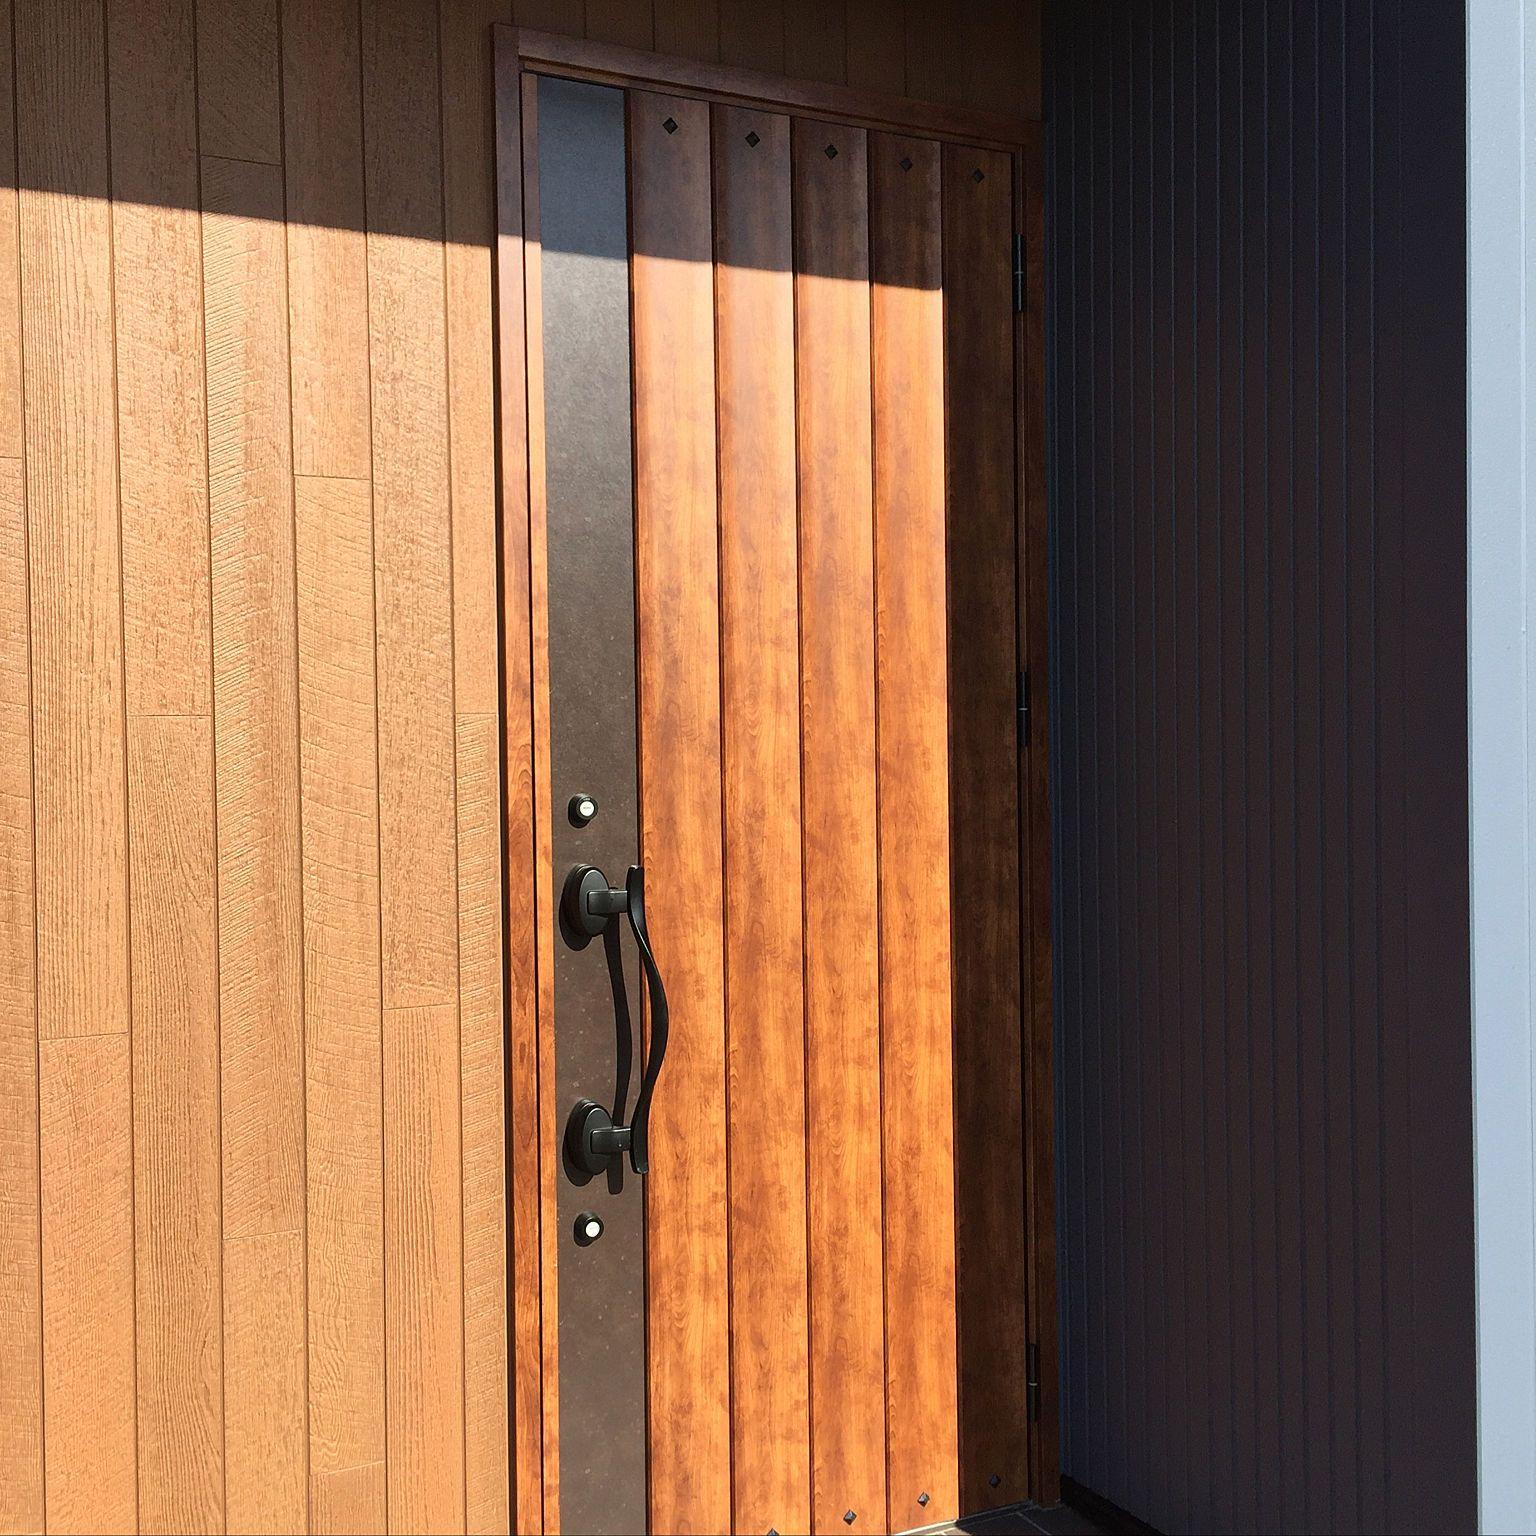 玄関 入り口 アイリッシュパイン ジエスタd11 ジエスタ2 玄関ドア などのインテリア実例 2017 09 23 13 19 49 Roomclip ルームクリップ 玄関ドア 玄関 玄関ドア リクシル